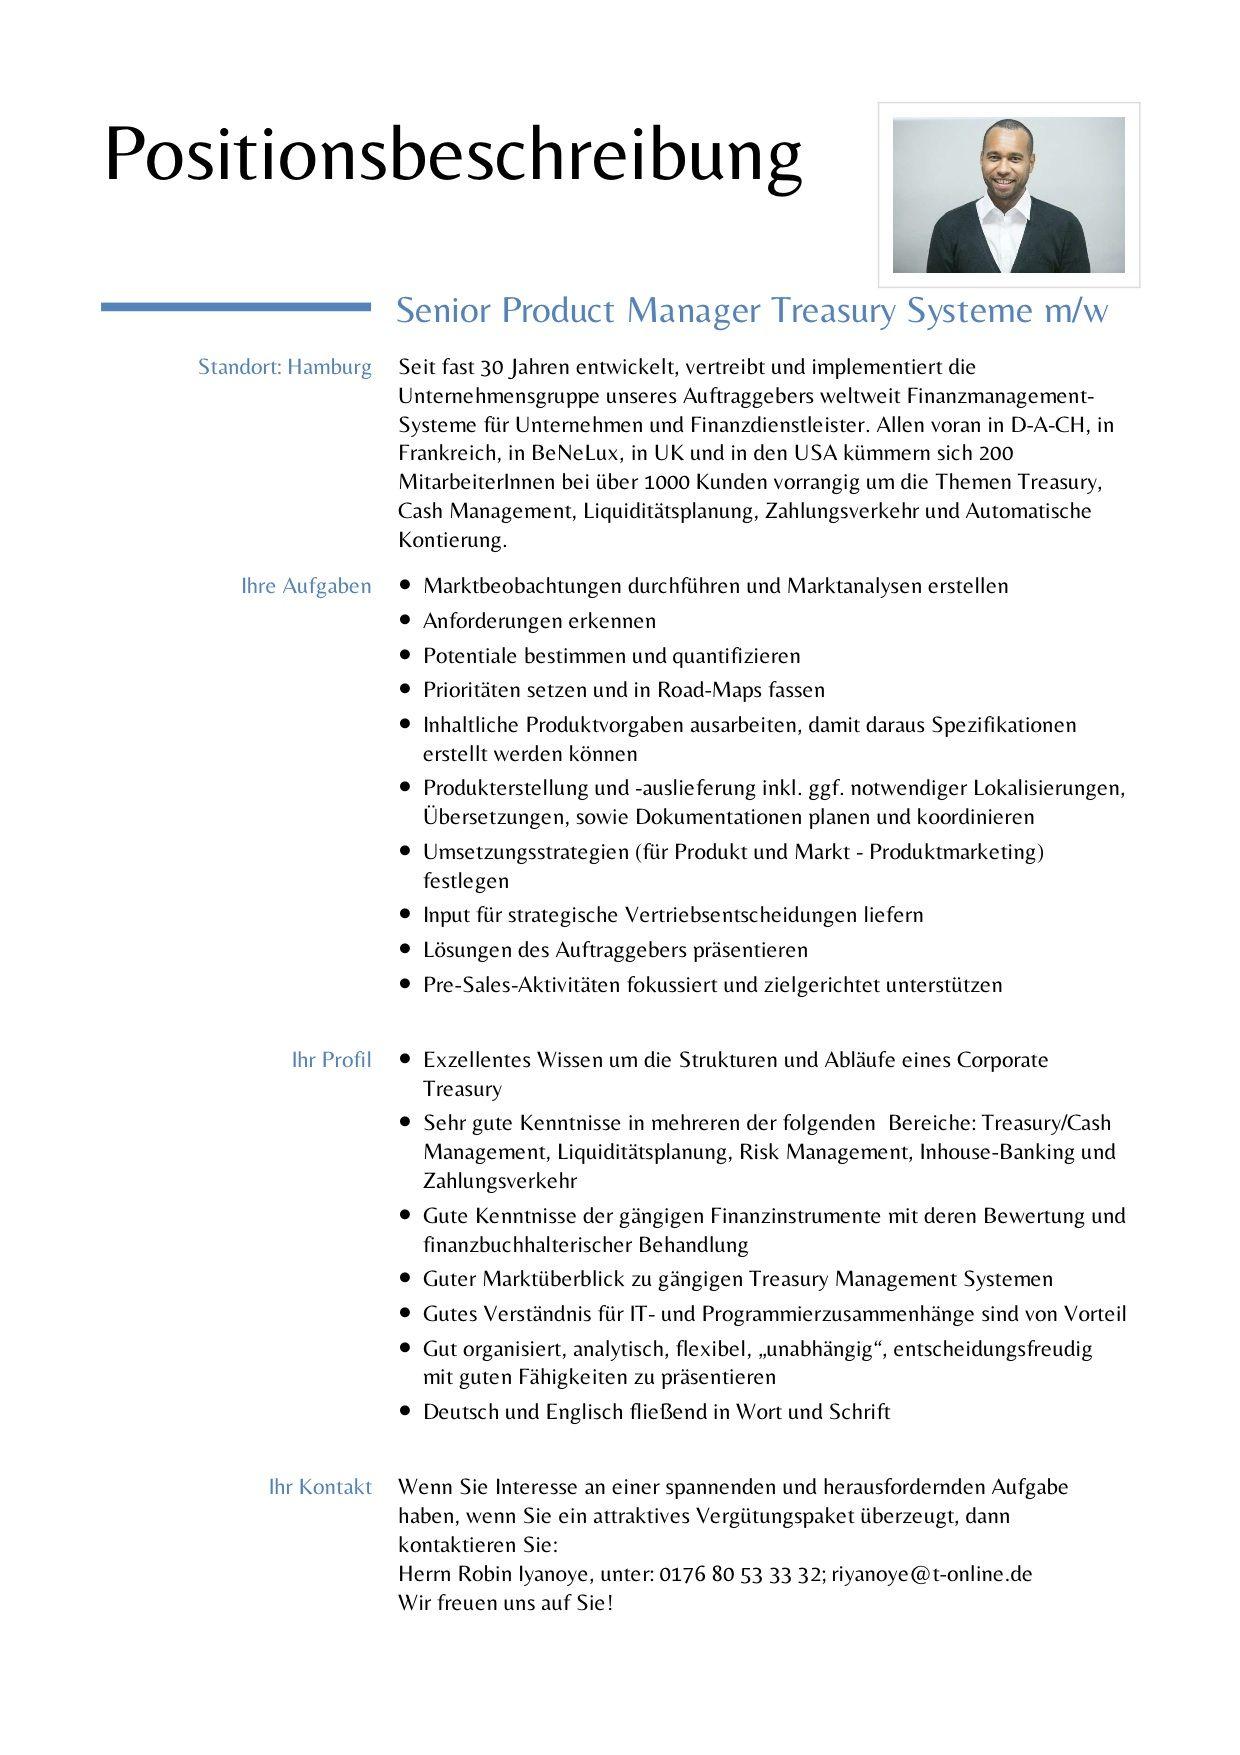 """>>Gesucht: """"Senior Product Manager - Treasury Systeme (w/m)"""" in Hamburg oder Homeoffice<<  Für mehr Infos & Kontakt-->klick"""